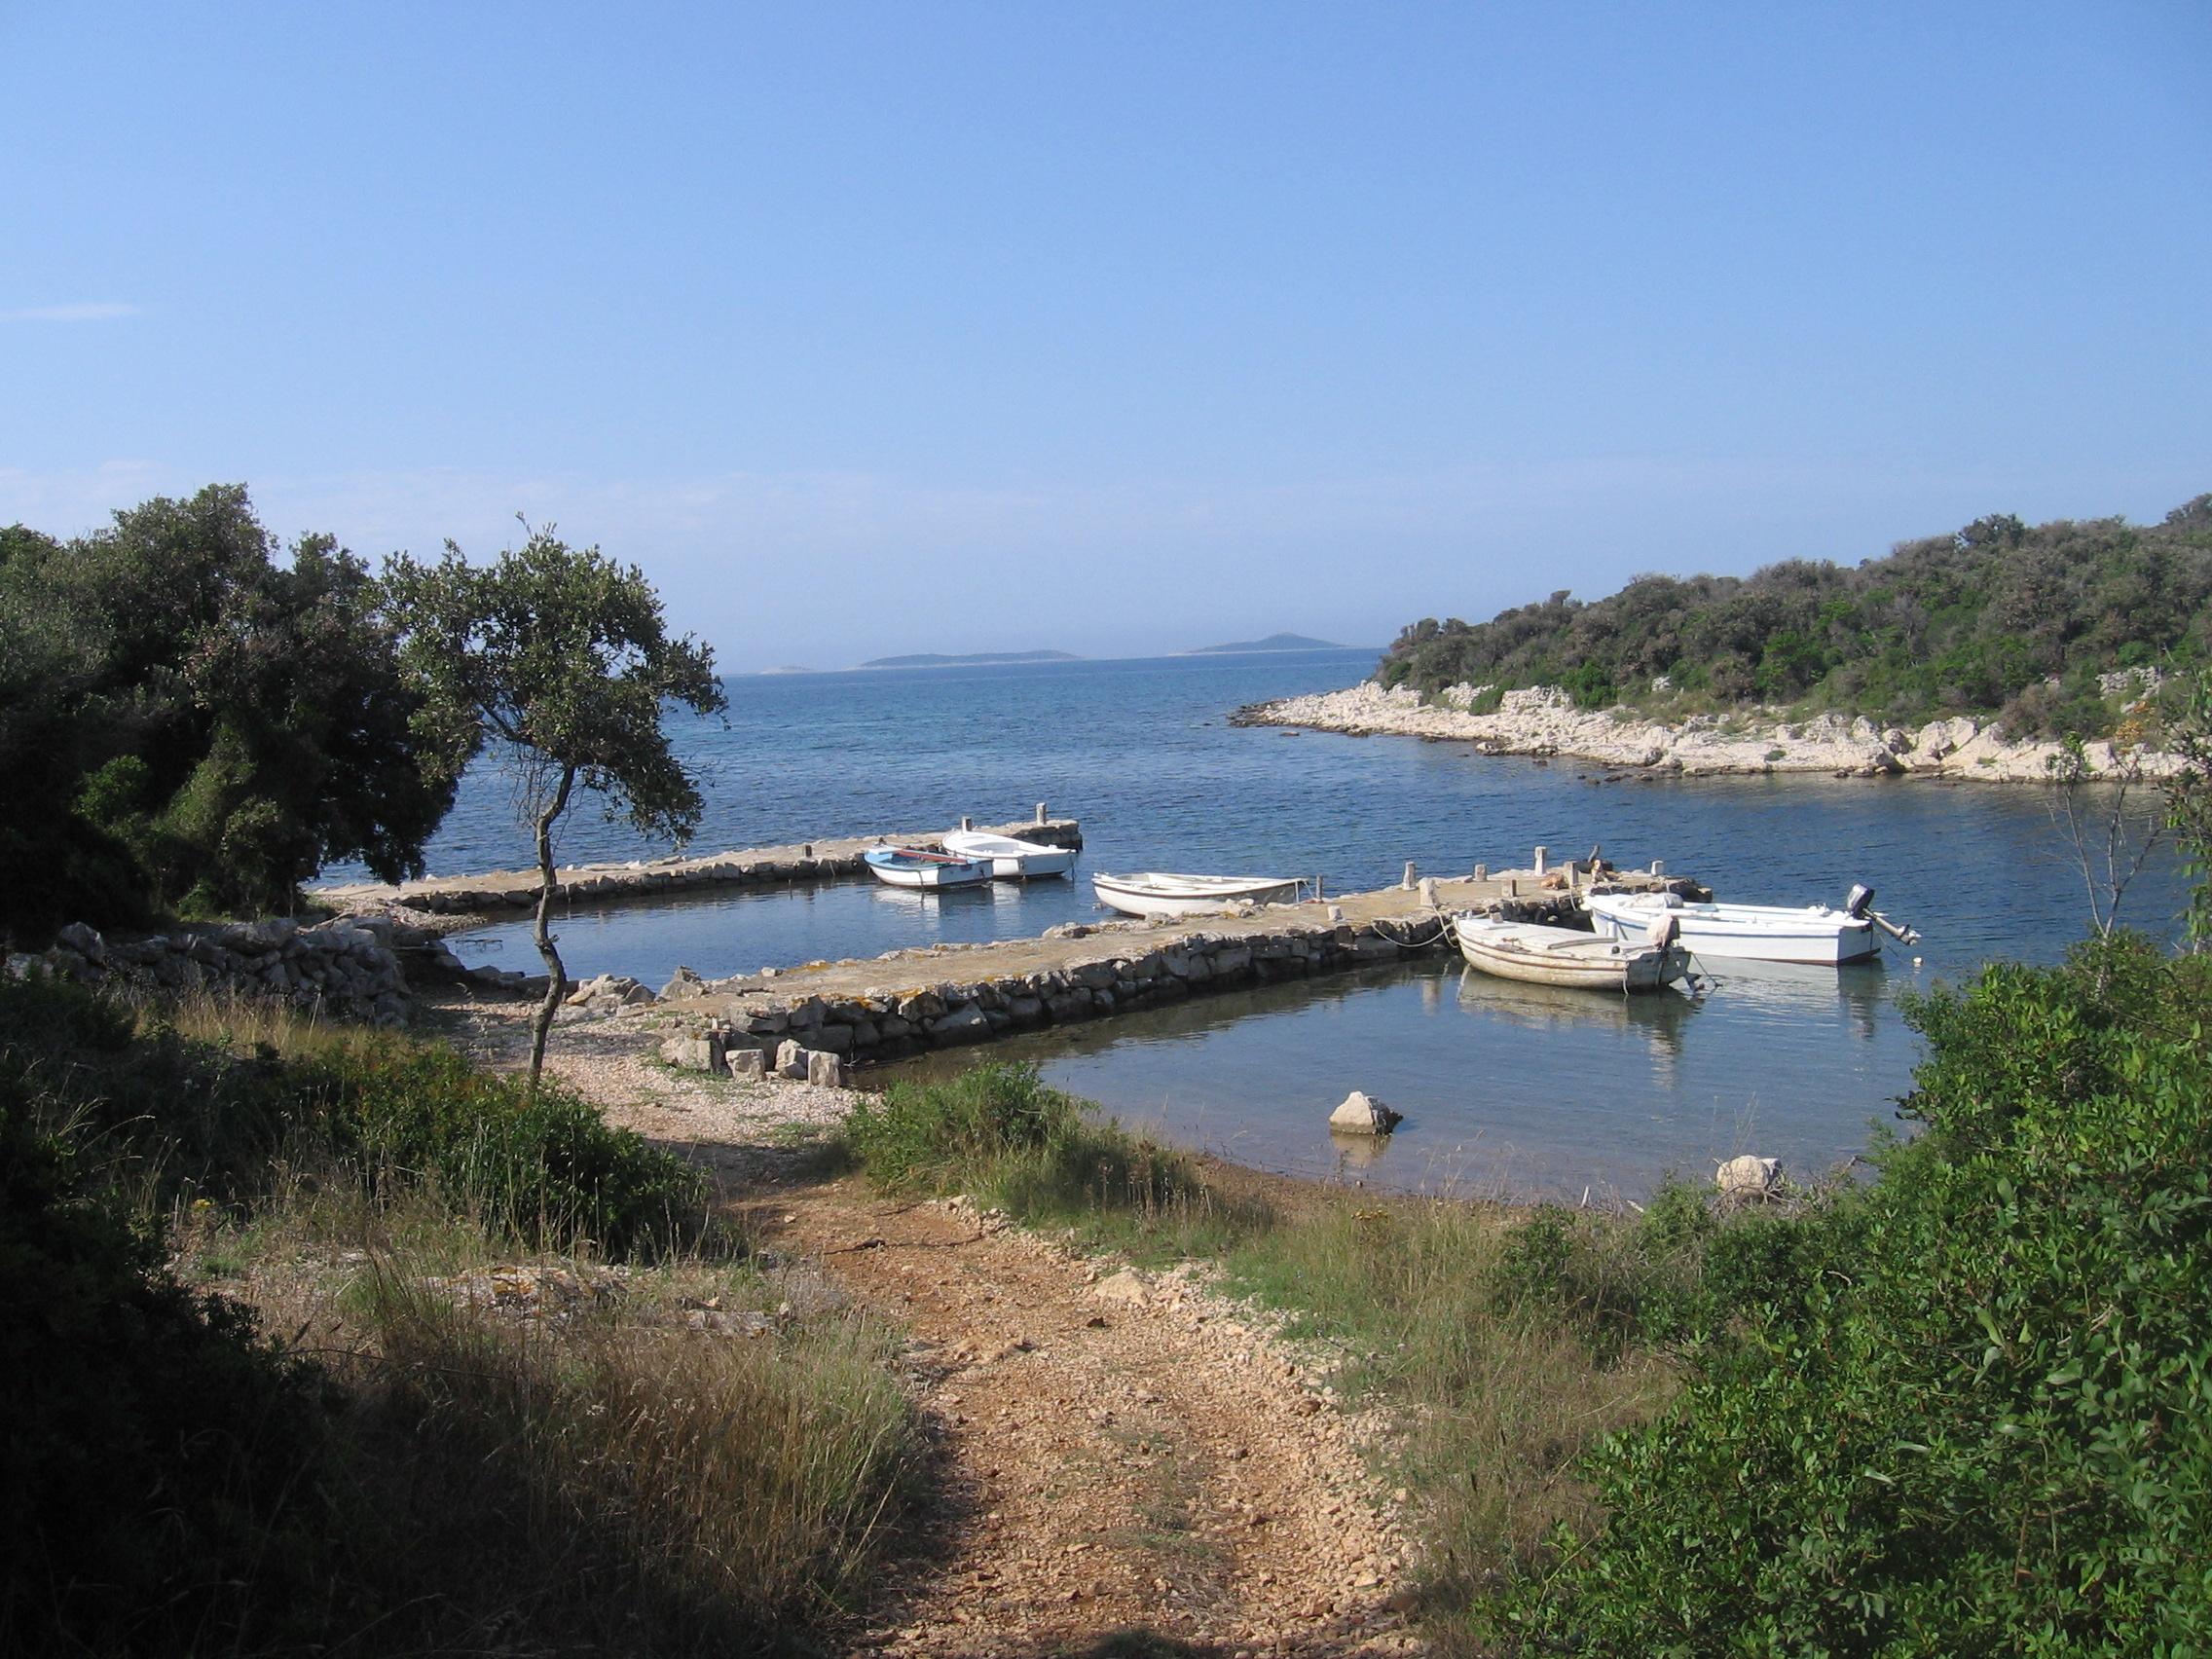 Noleggio Barche Isola di Olib - Navalia | Noleggia un Sogno